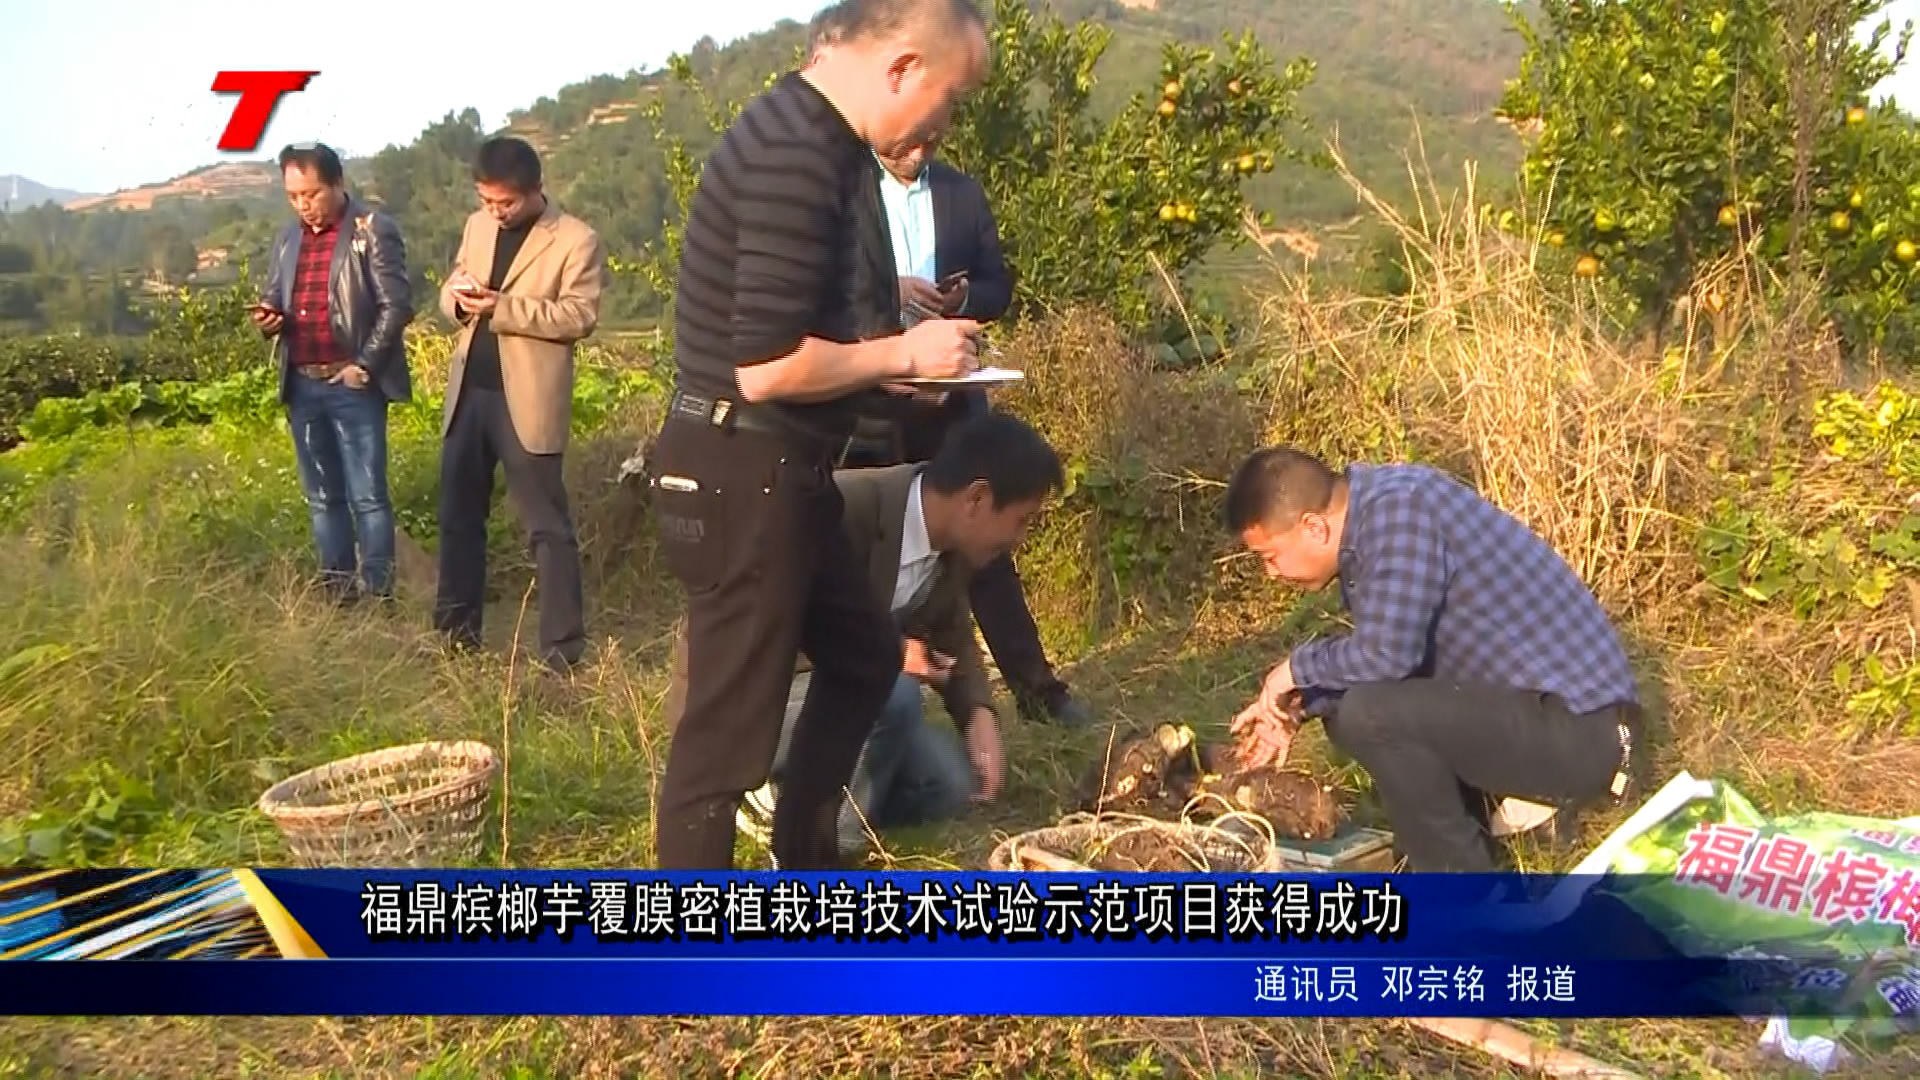 福鼎槟榔芋覆膜密植种植技能实验树模项目得到乐成